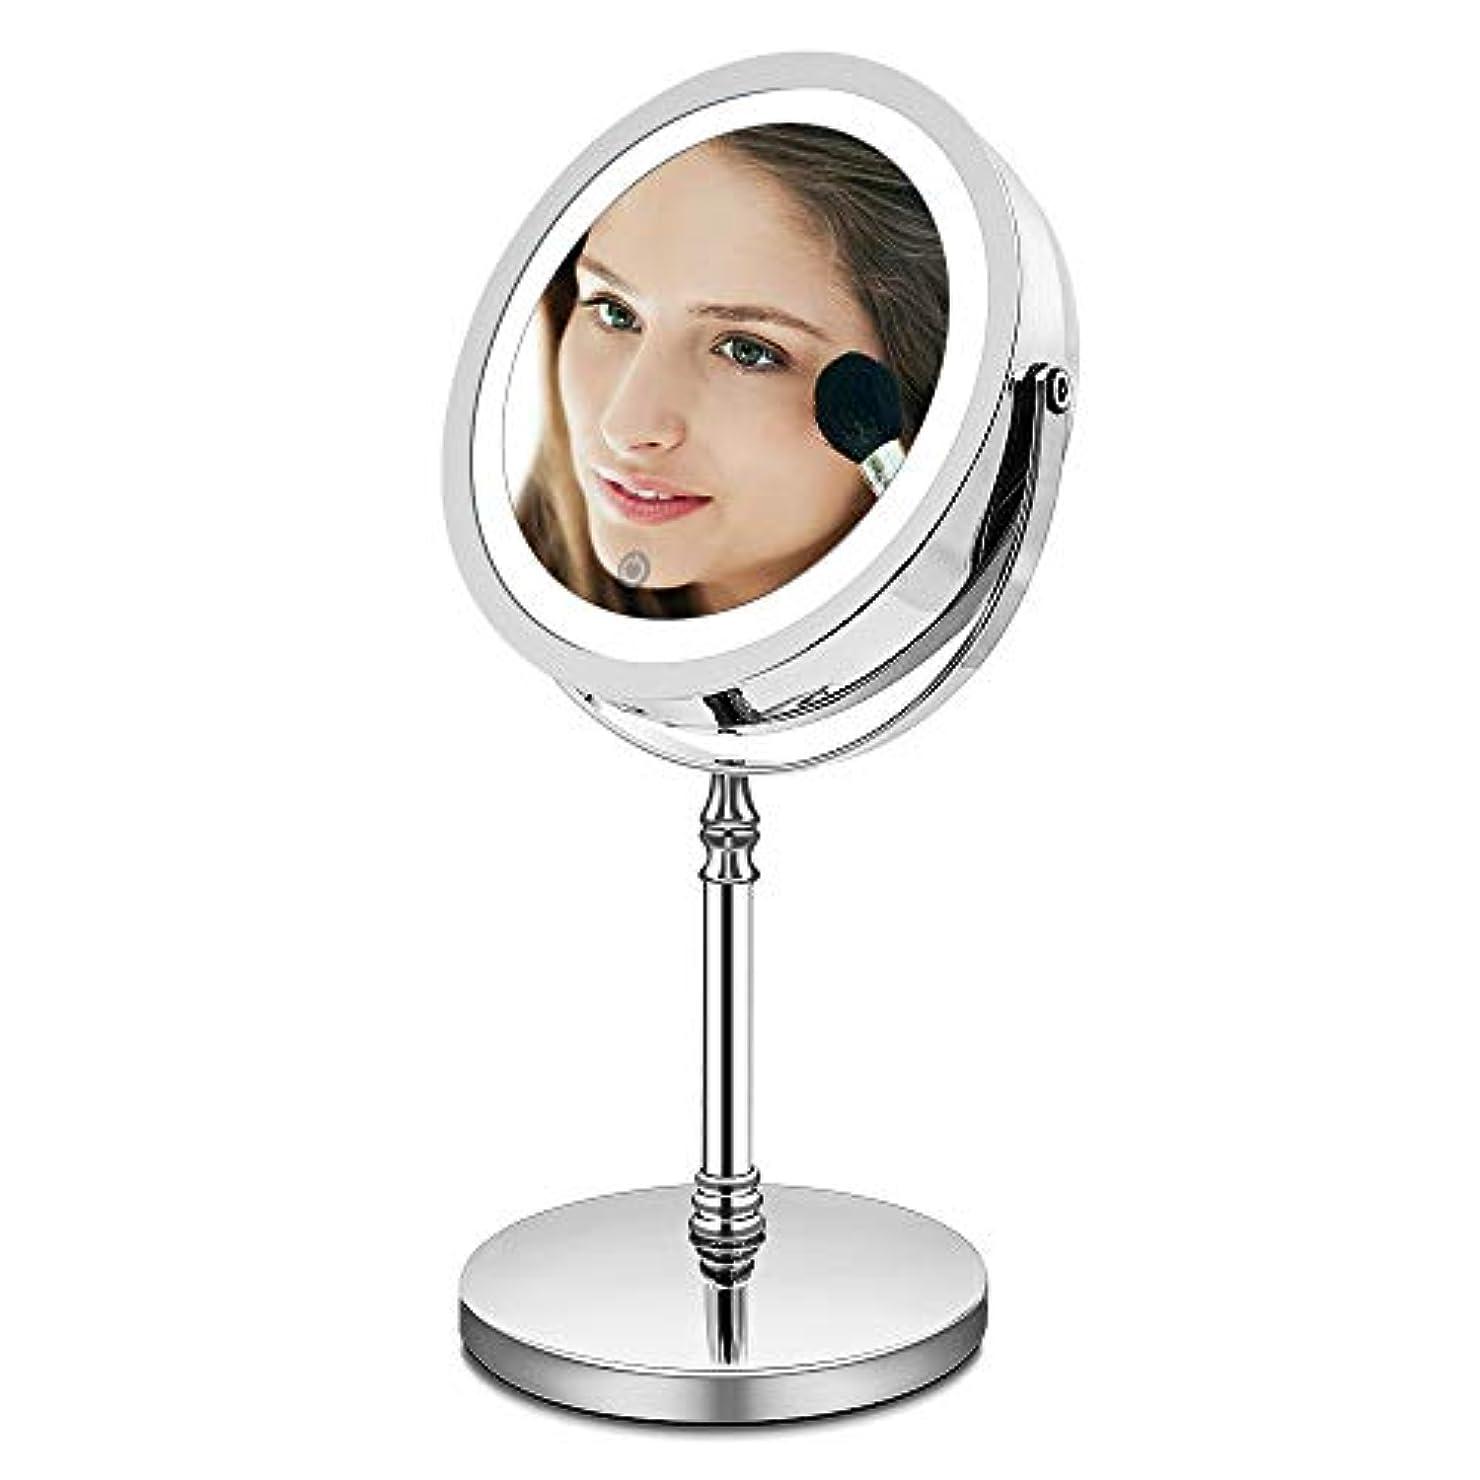 礼拝加速度葬儀AMZTOLIFE 10倍拡大鏡+等倍鏡 化粧鏡 ライト付き 卓上鏡 ミラー 鏡 化粧ミラー メイクアップミラー スタンドミラー 360度回転 明るさ調節 日本語取扱説明書付き (タイチー)